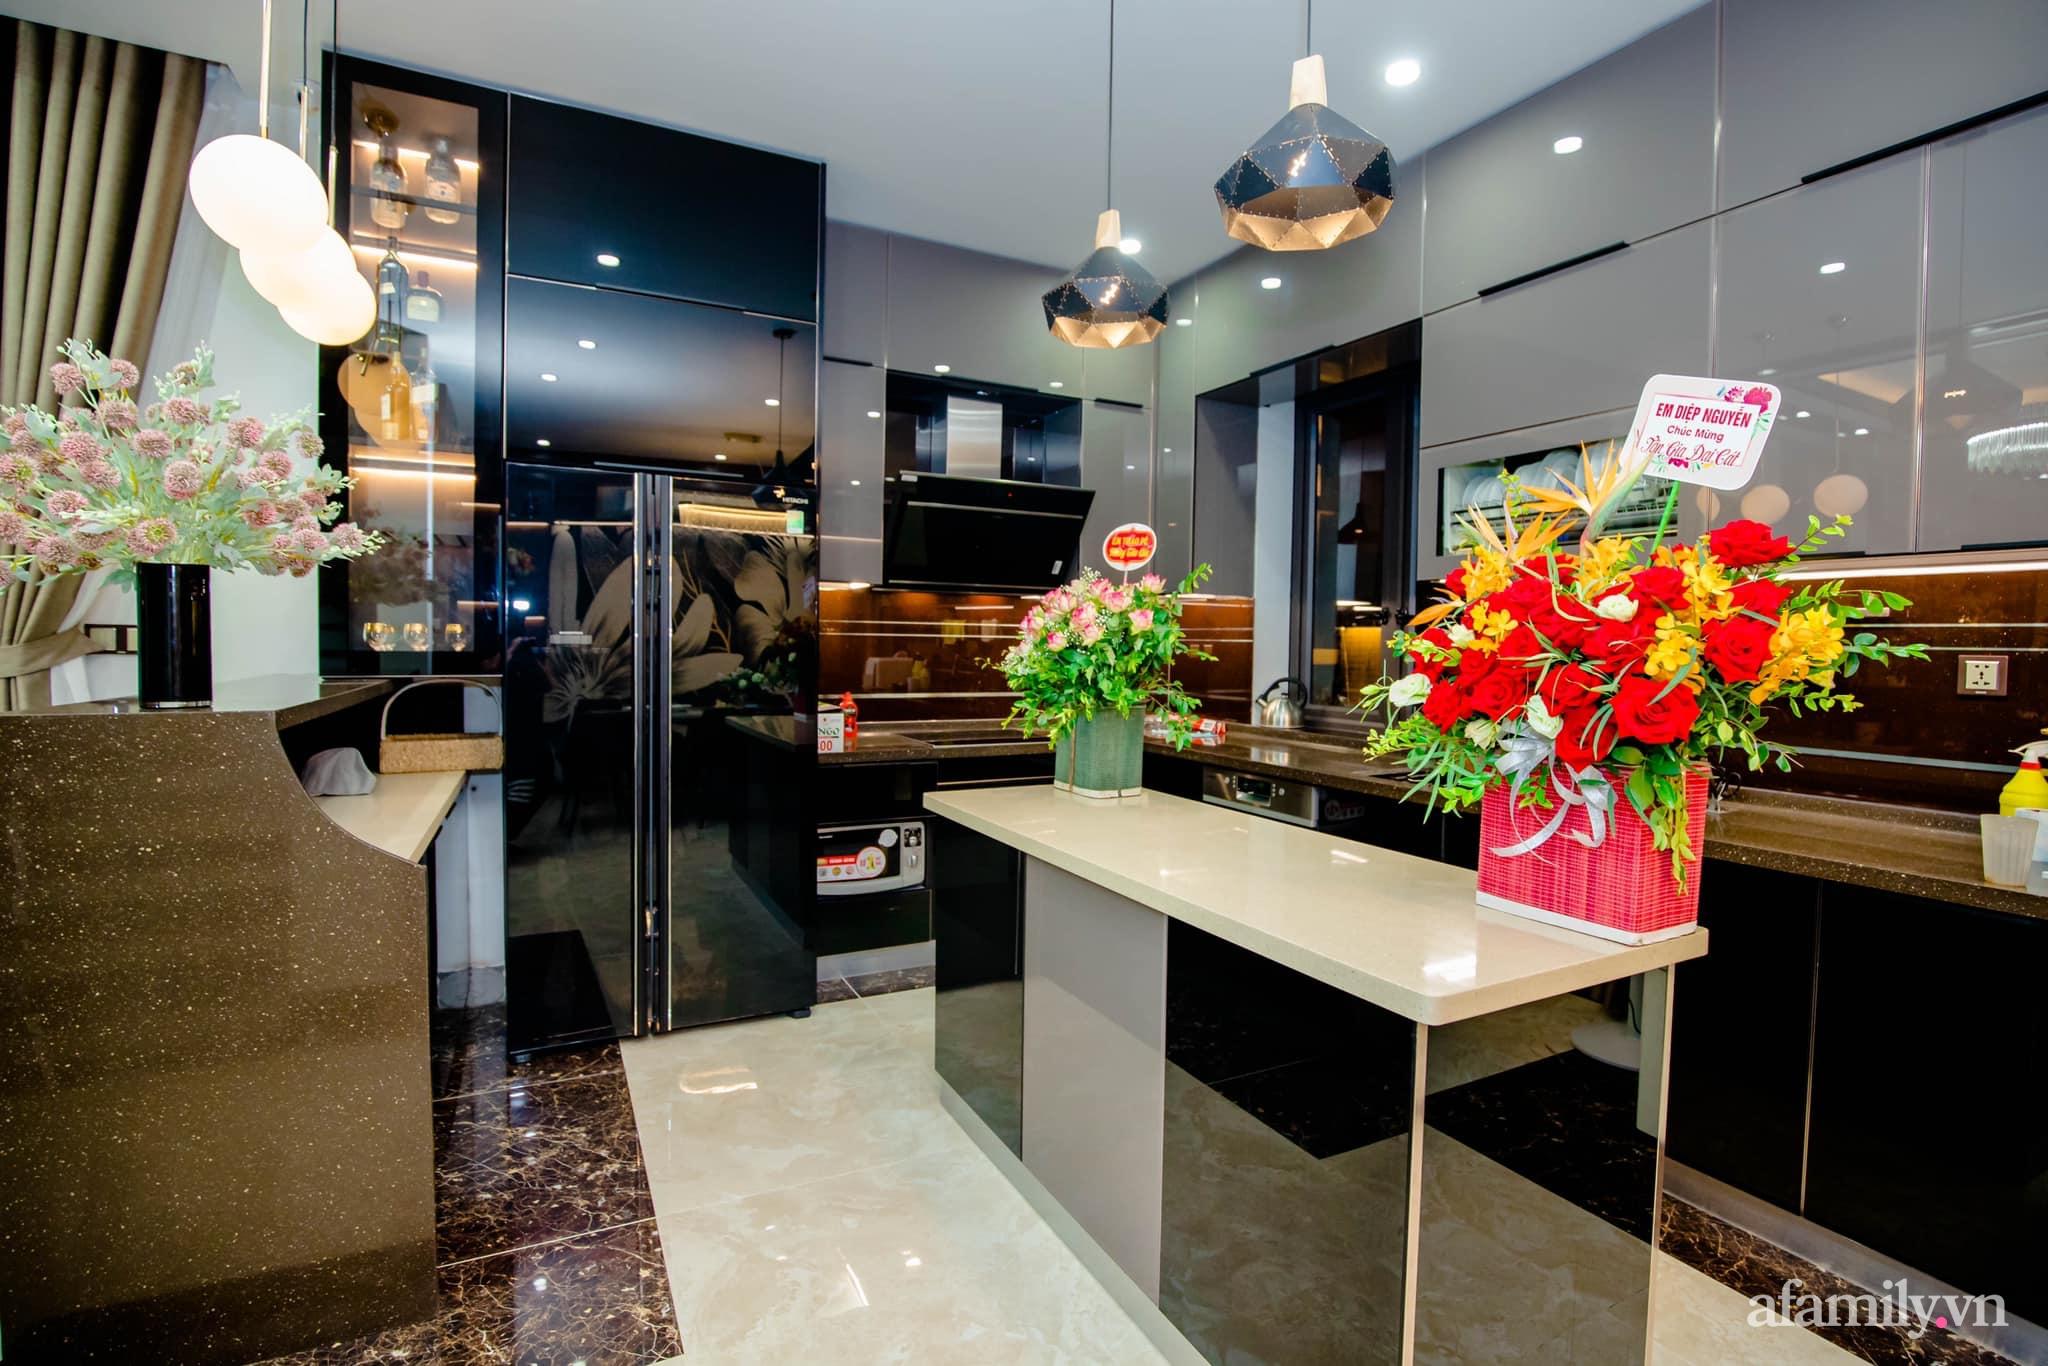 Bóc giá căn bếp đẹp chanh sả được đầu tư toàn đồ xịn sò với tổng chi phí gần 200 triệu đồng ở Hải Phòng - Ảnh 1.